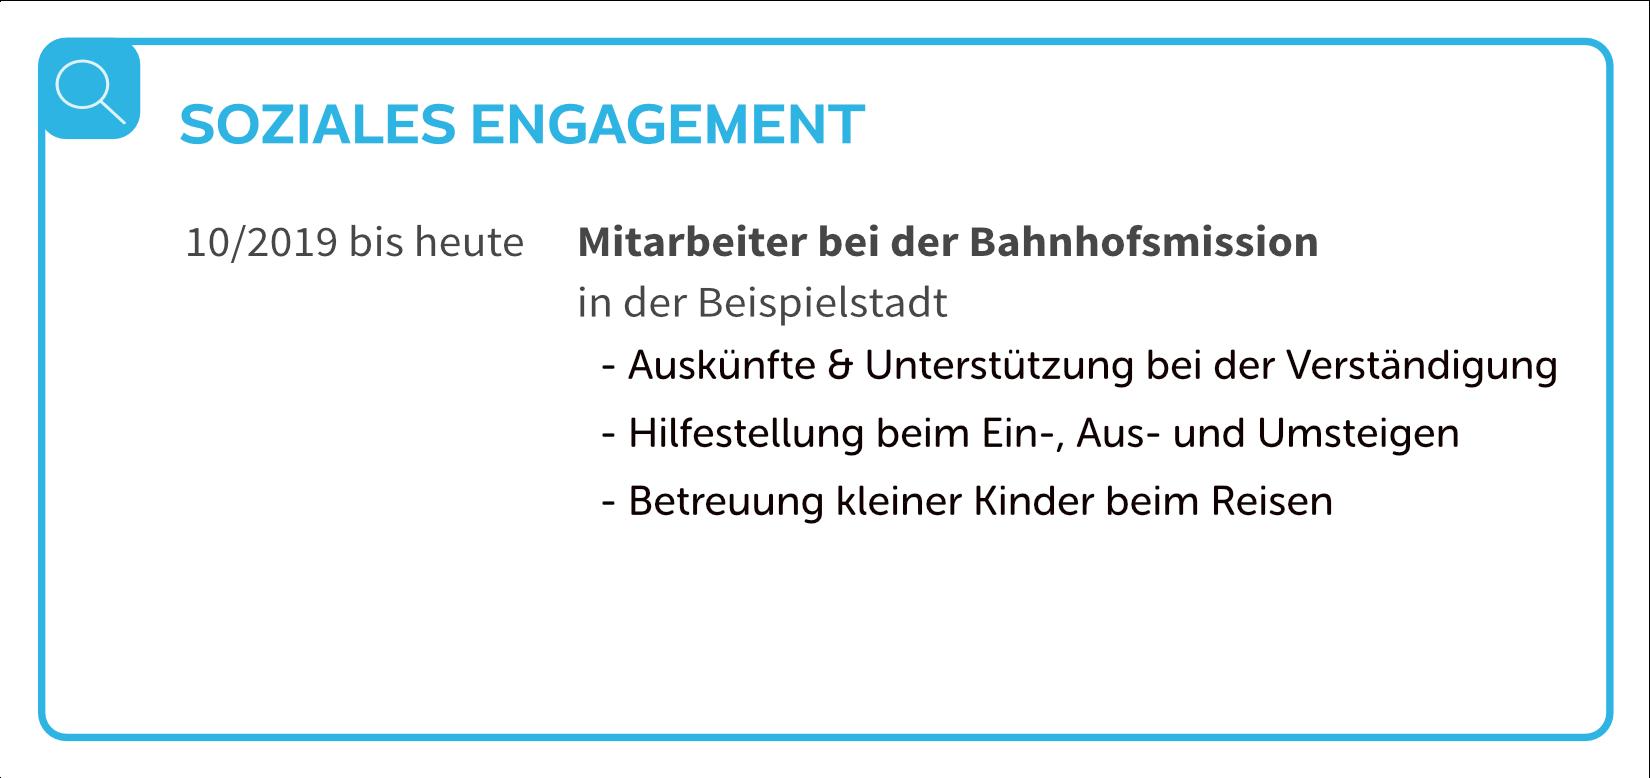 Lebenslauf Soziales Engagement